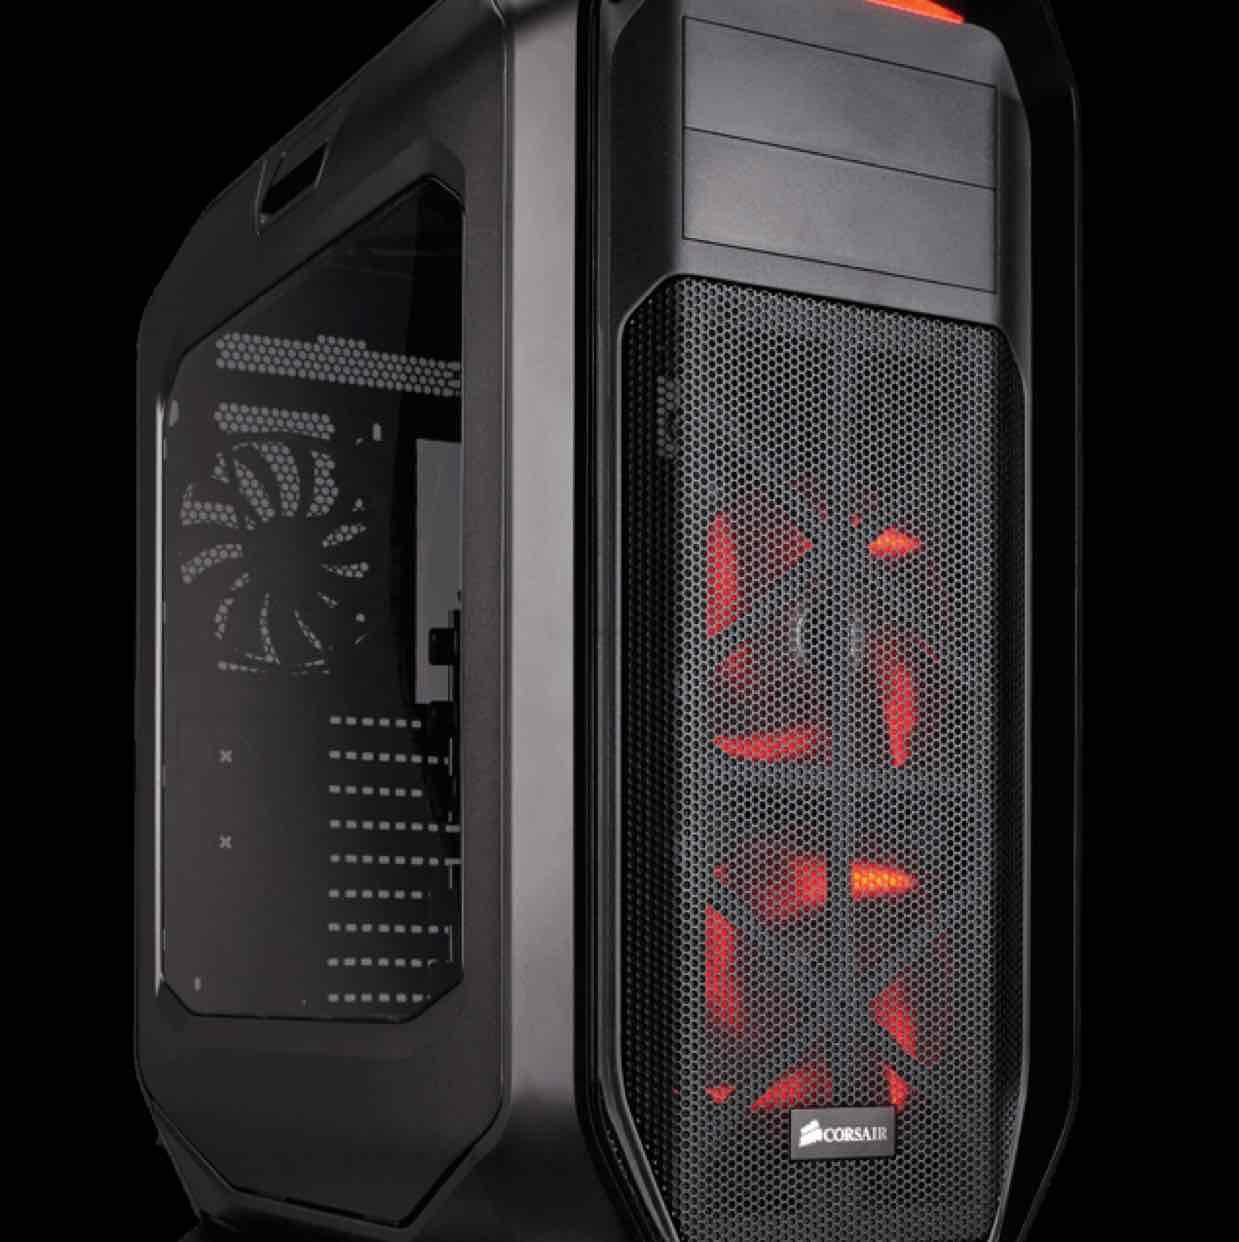 Corsair 780t PC-Case für 156,90€ statt 187,98€(Idealo)